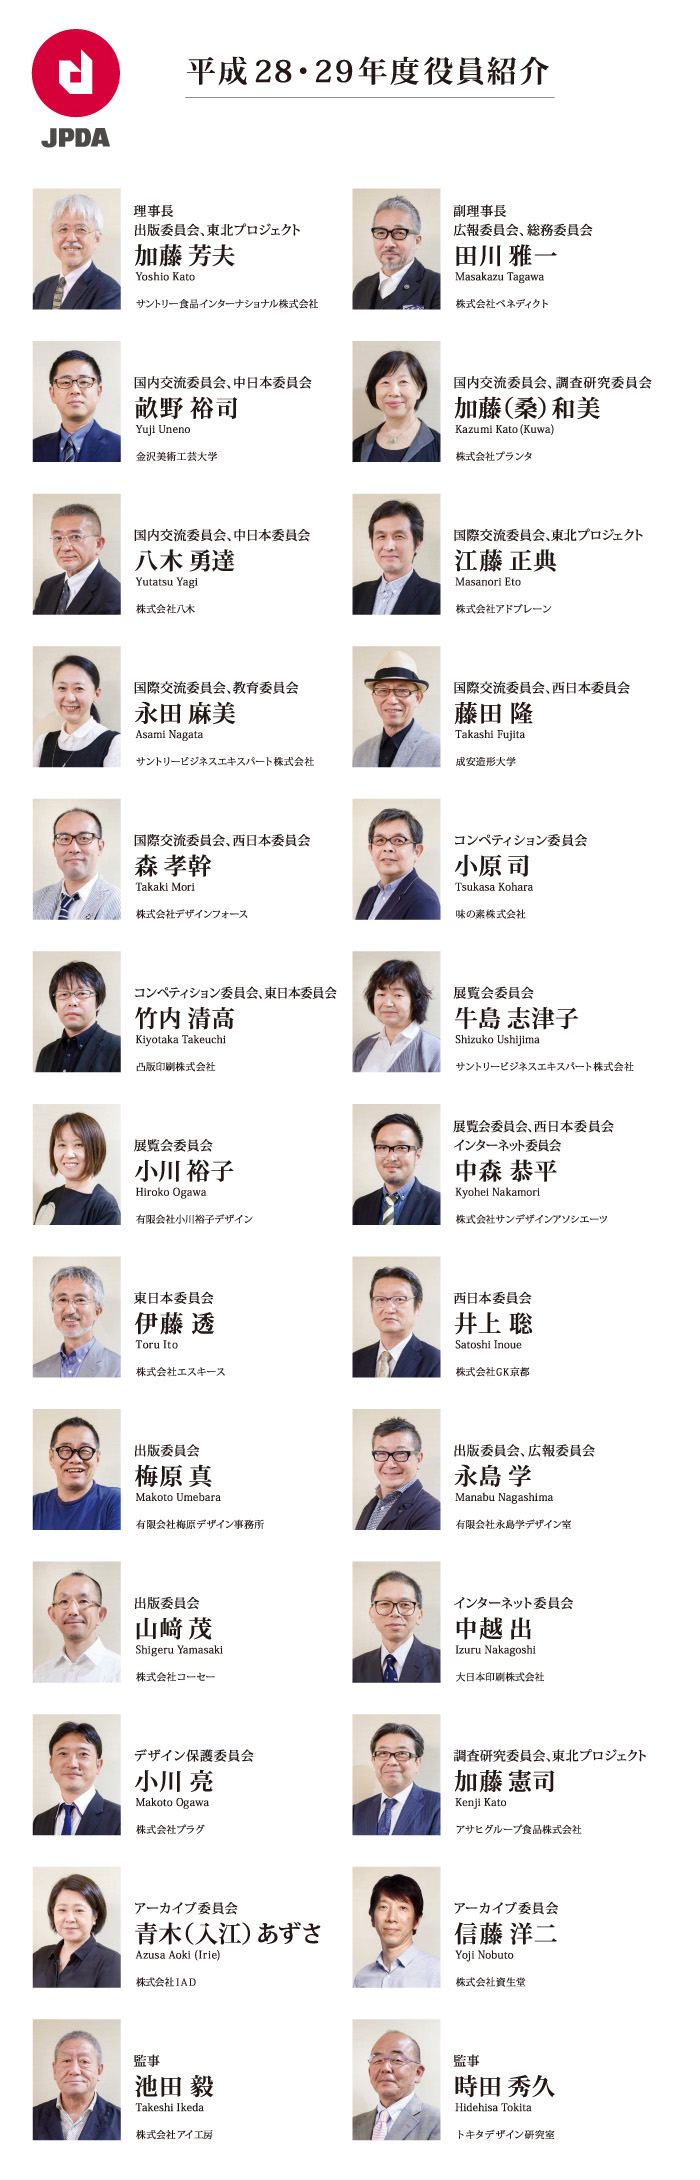 2016-17directors700